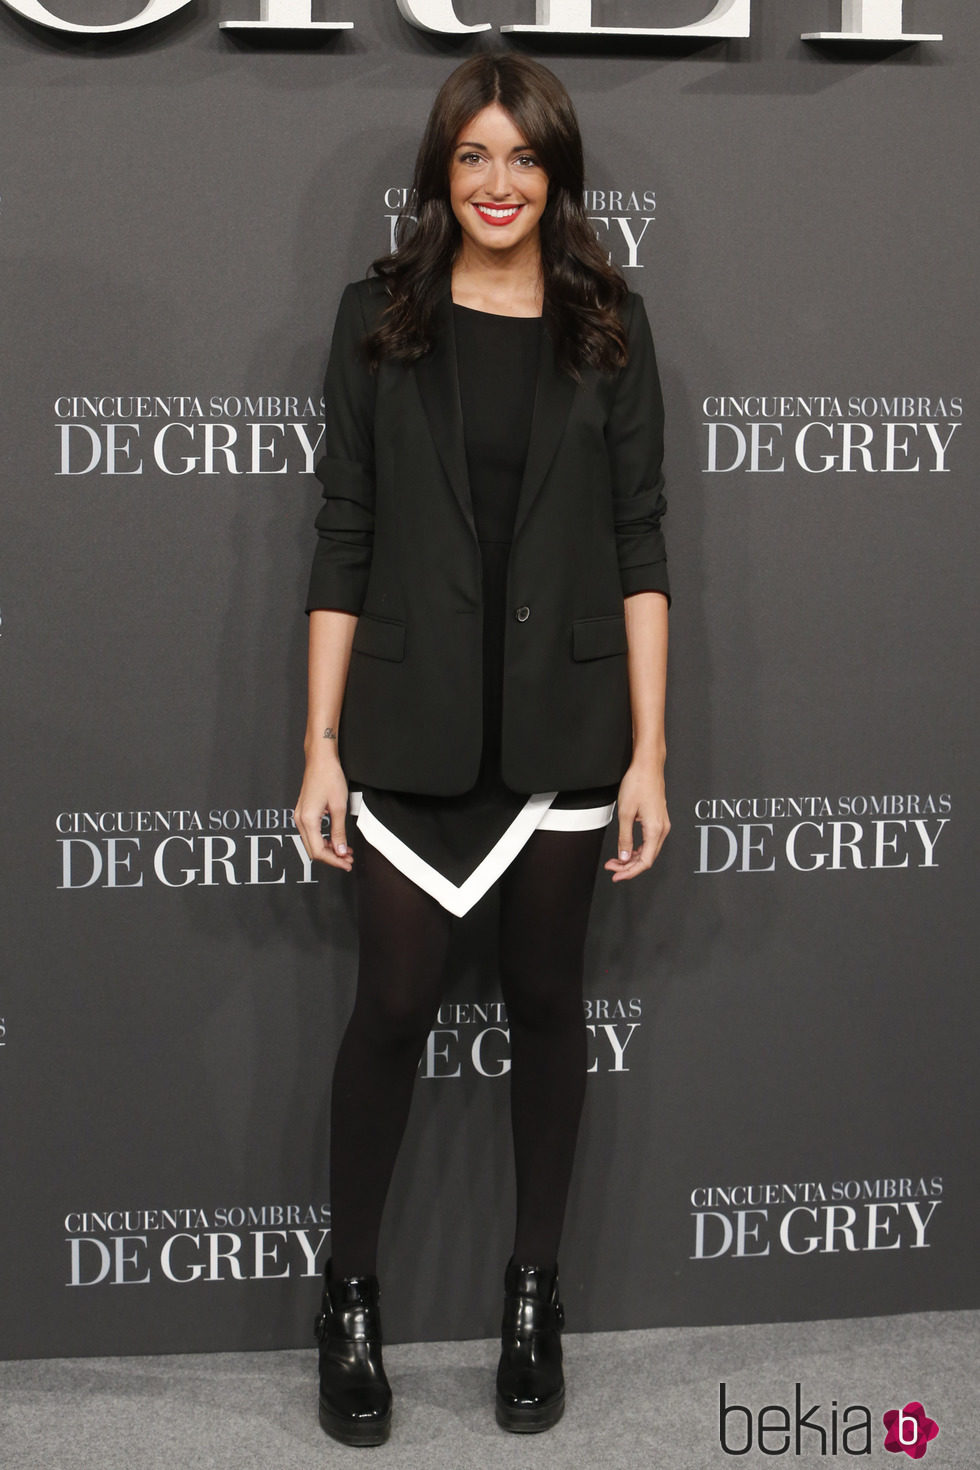 Noelia López en el estreno de 'Cincuenta sombras de Grey' en Madrid